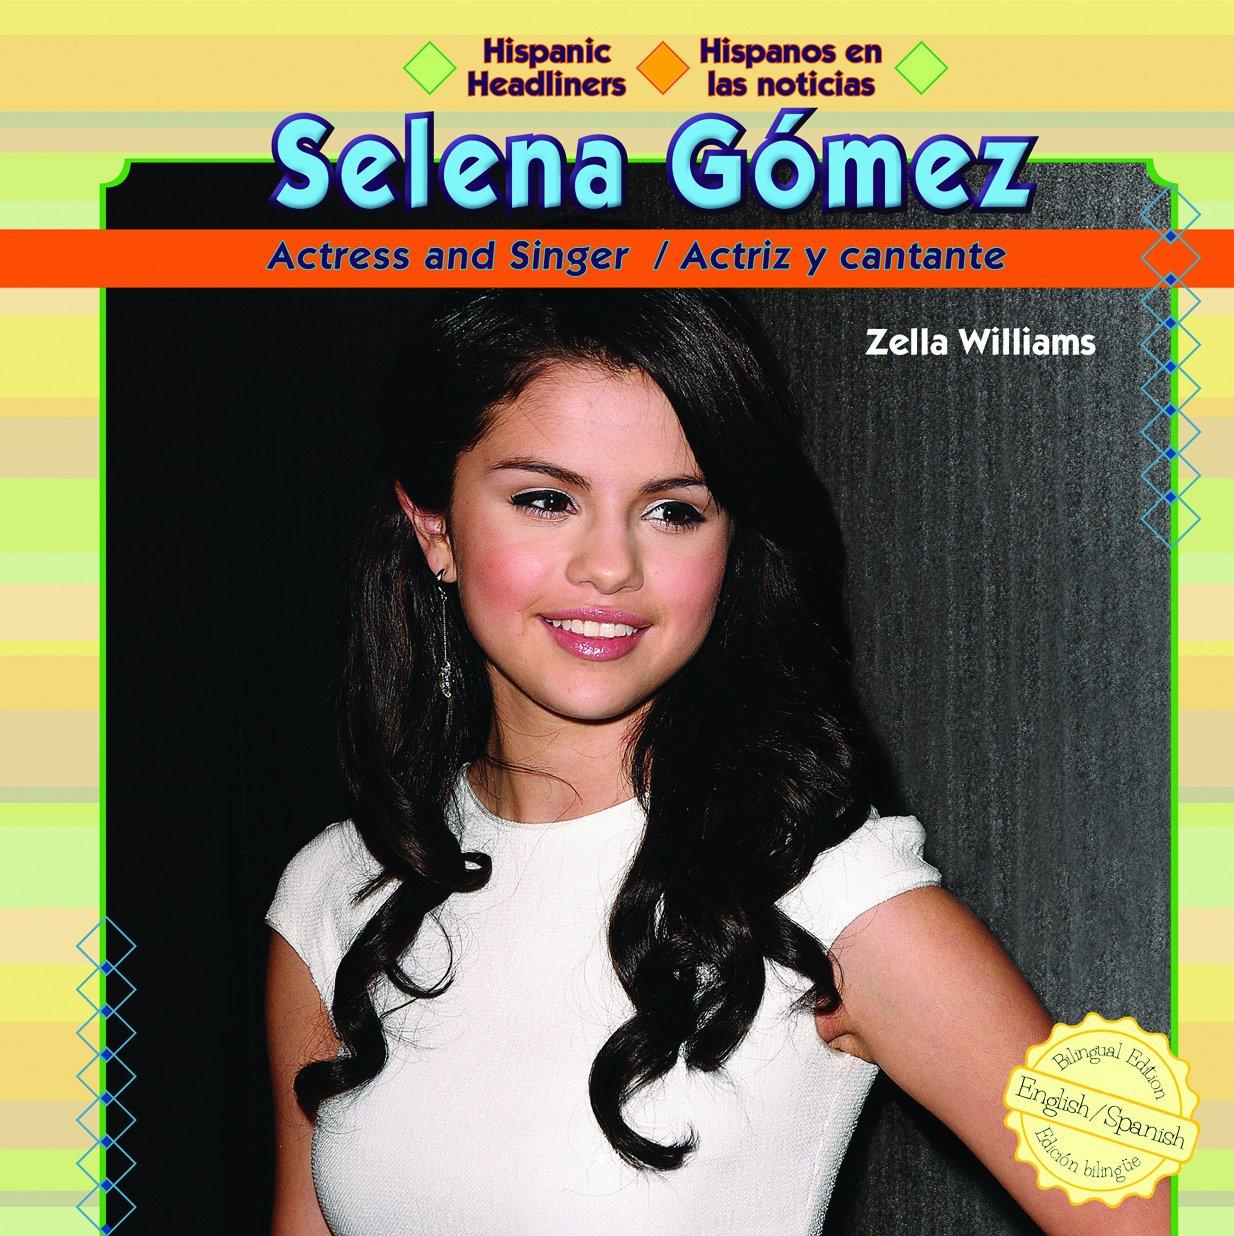 Selena Gomez: Actress and Singer/Actriz y Cantante (Hispanic Headliners / Hispanos En Las Noticias) (Spanish and English Edition) pdf